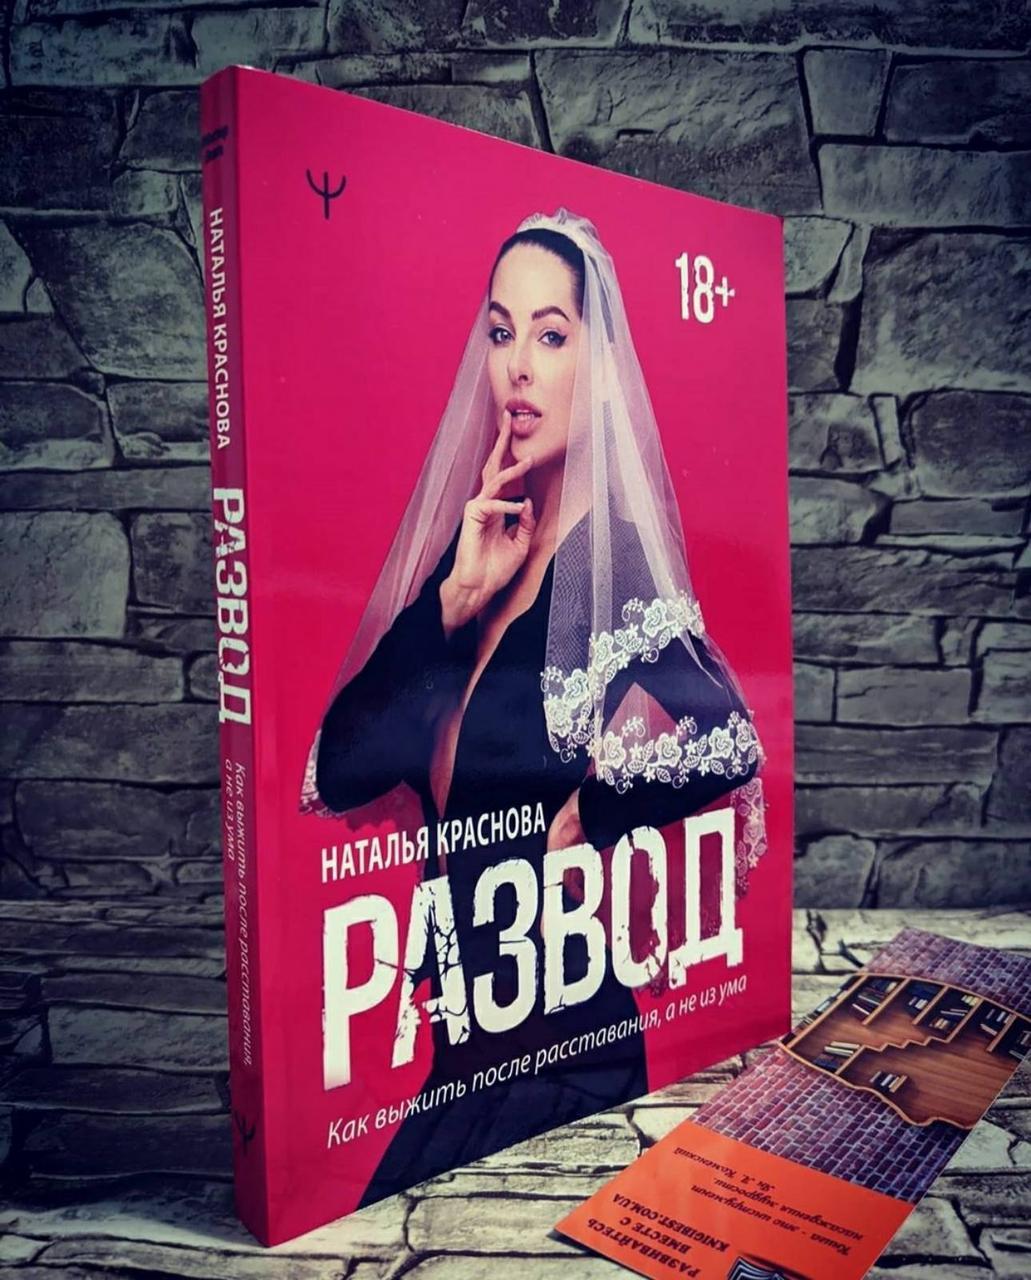 """Книга """"Развод. Как выжить после расставания, а не из ума"""" Наталья Краснова"""